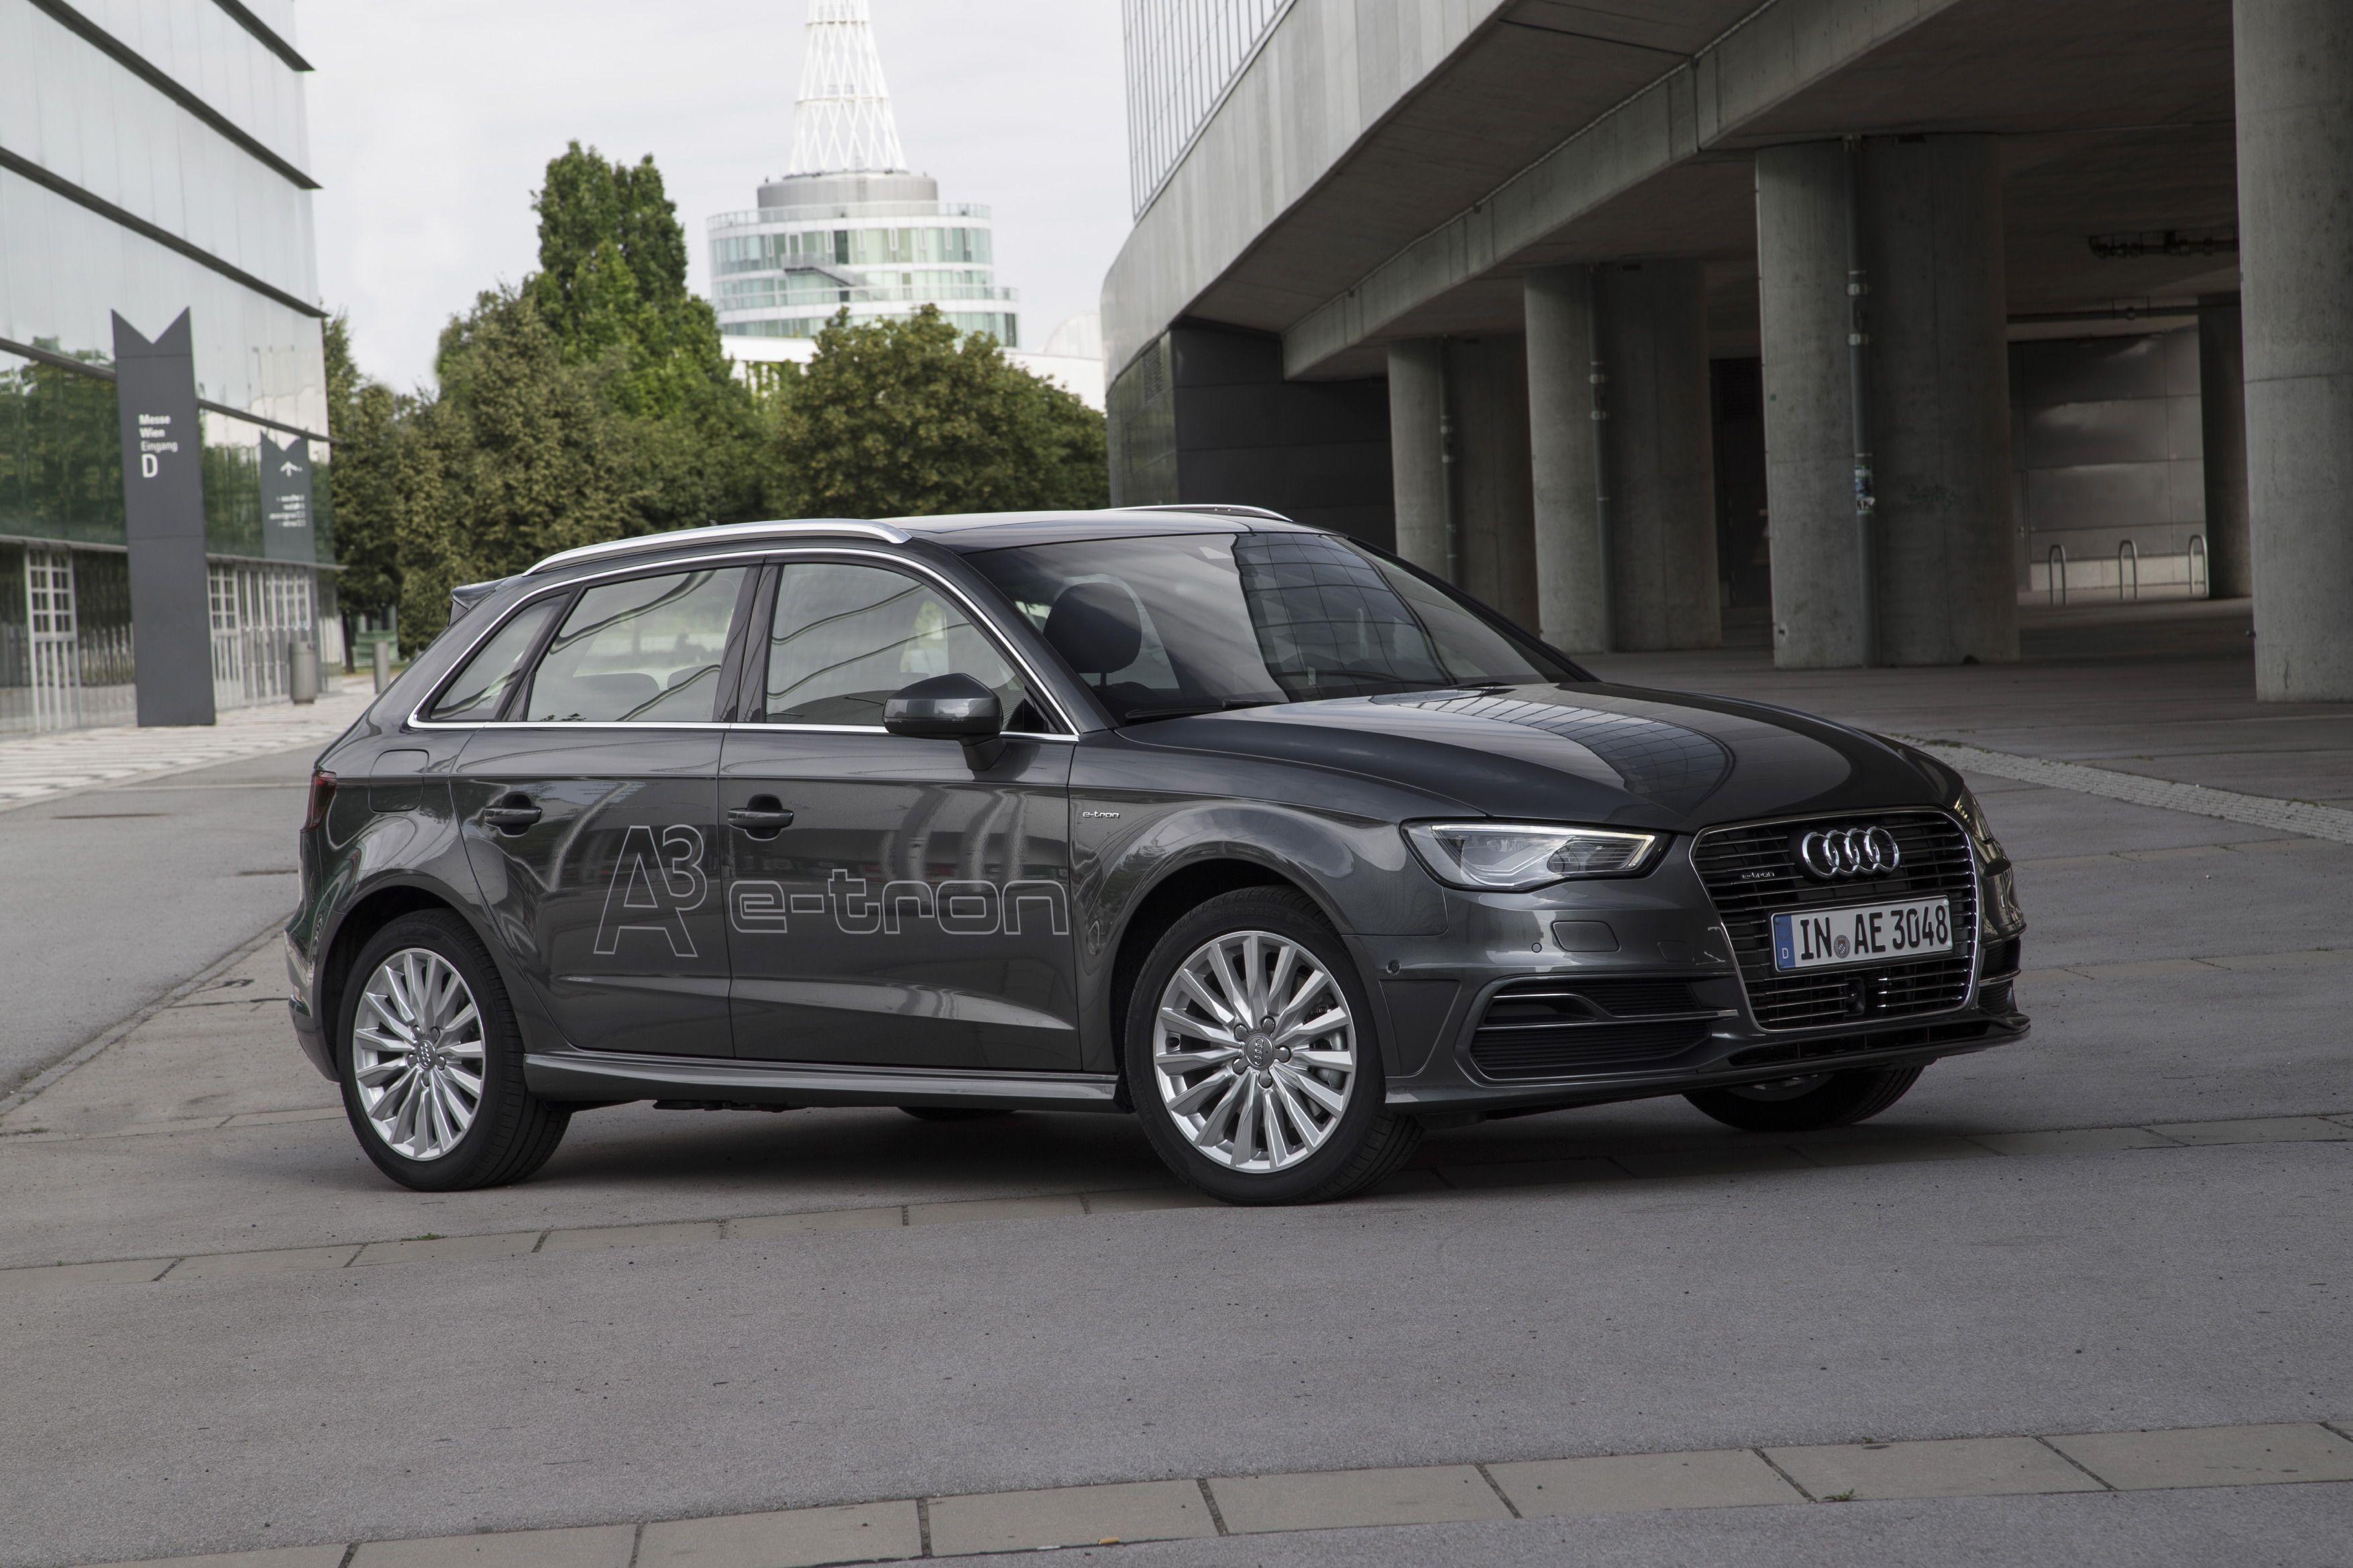 El Audi A3 Sportback etron puede conducirse sólo con el